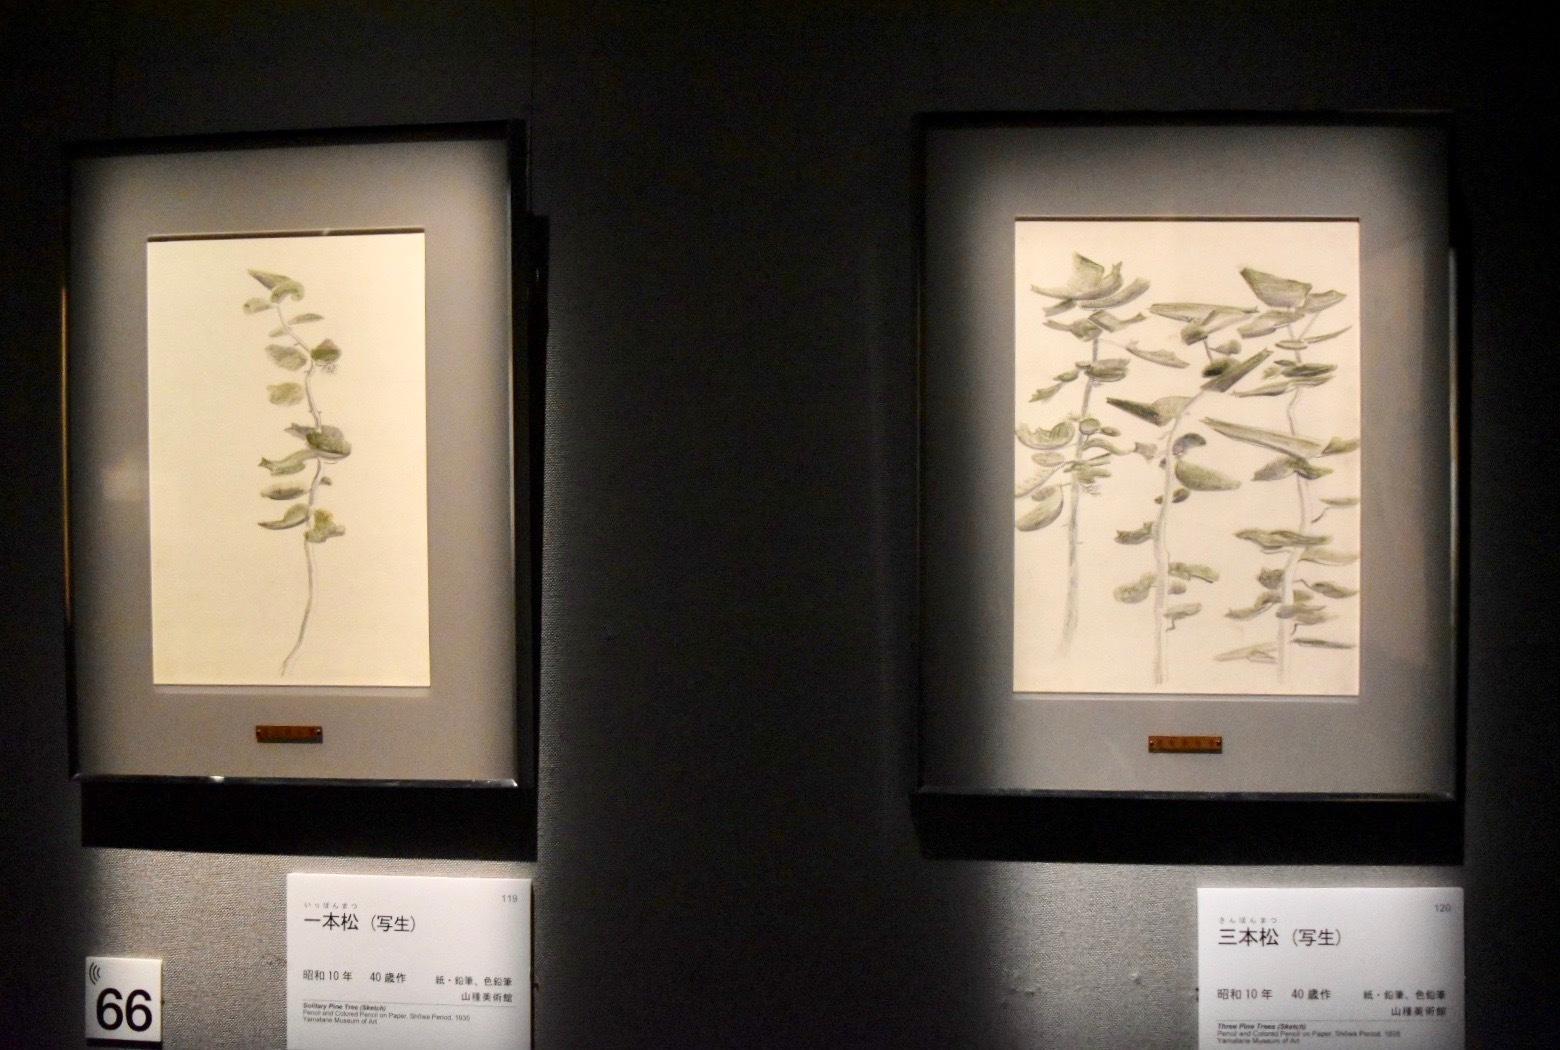 左:速水御舟 《一本松(写生)》 昭和10年 山種美術館蔵、右:速水御舟 《三本松(写生)》 昭和10年 山種美術館蔵